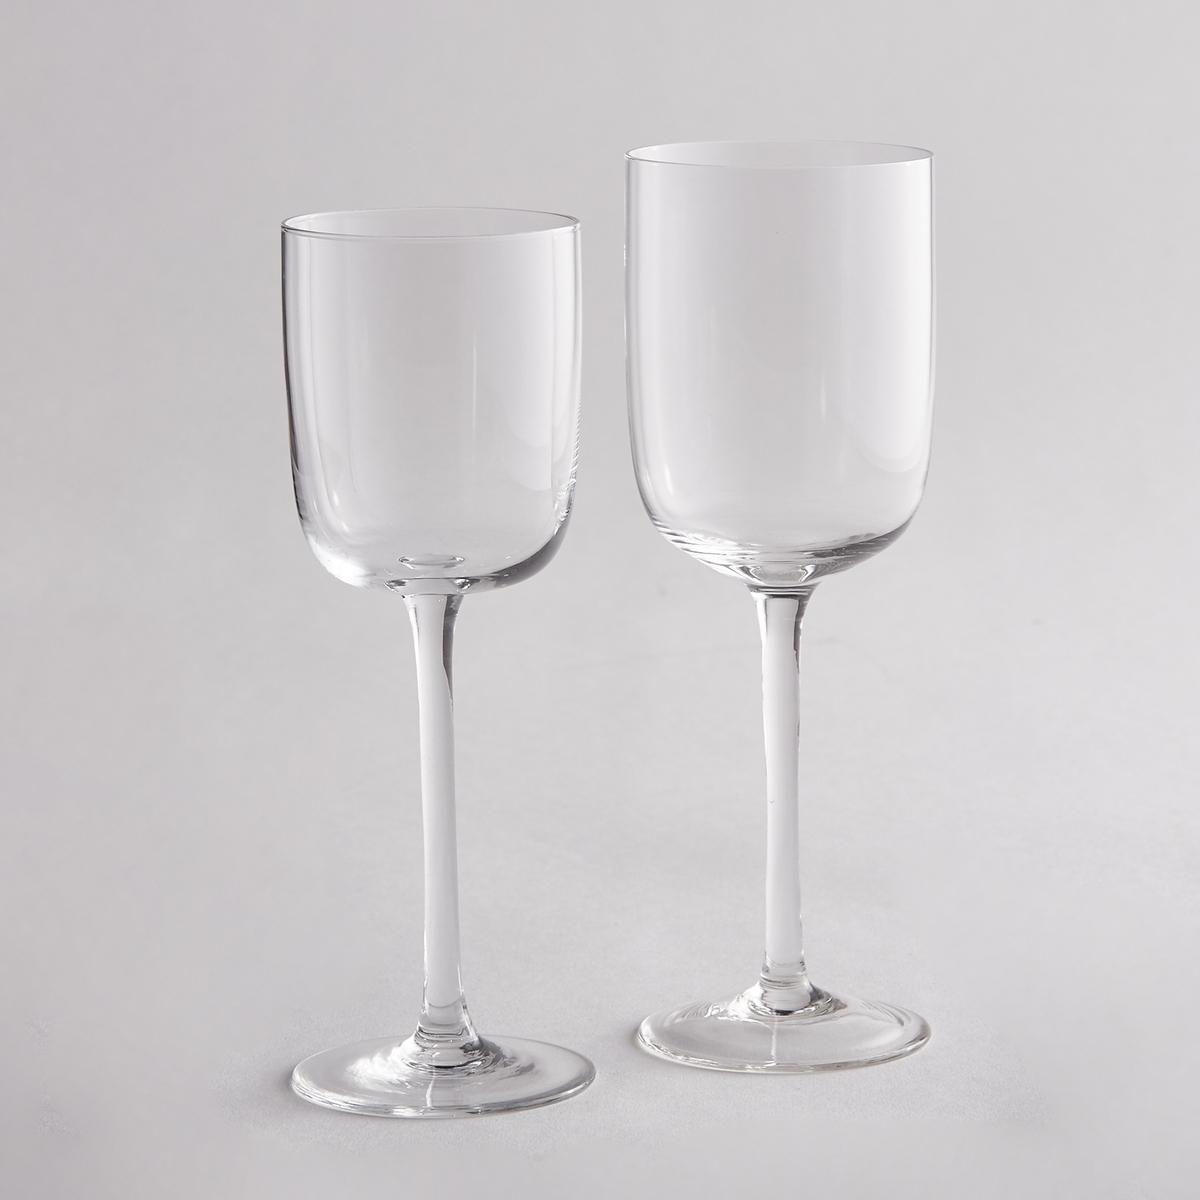 Комплект из 4 бокалов для белого винаКомплект из 4 бокалов для белого вина La redoute Int?rieurs для изысканного стола при любых обстоятельствах.Характеристики 4 бокалов для белого вина:- Бокалы на ножке из стекла.- Размеры: 7 x 7 см.- Высота: 21 см.- Подходят для мытья в посудомоечной машине.- В комплекте 4 бокала.<br><br>Цвет: прозрачный